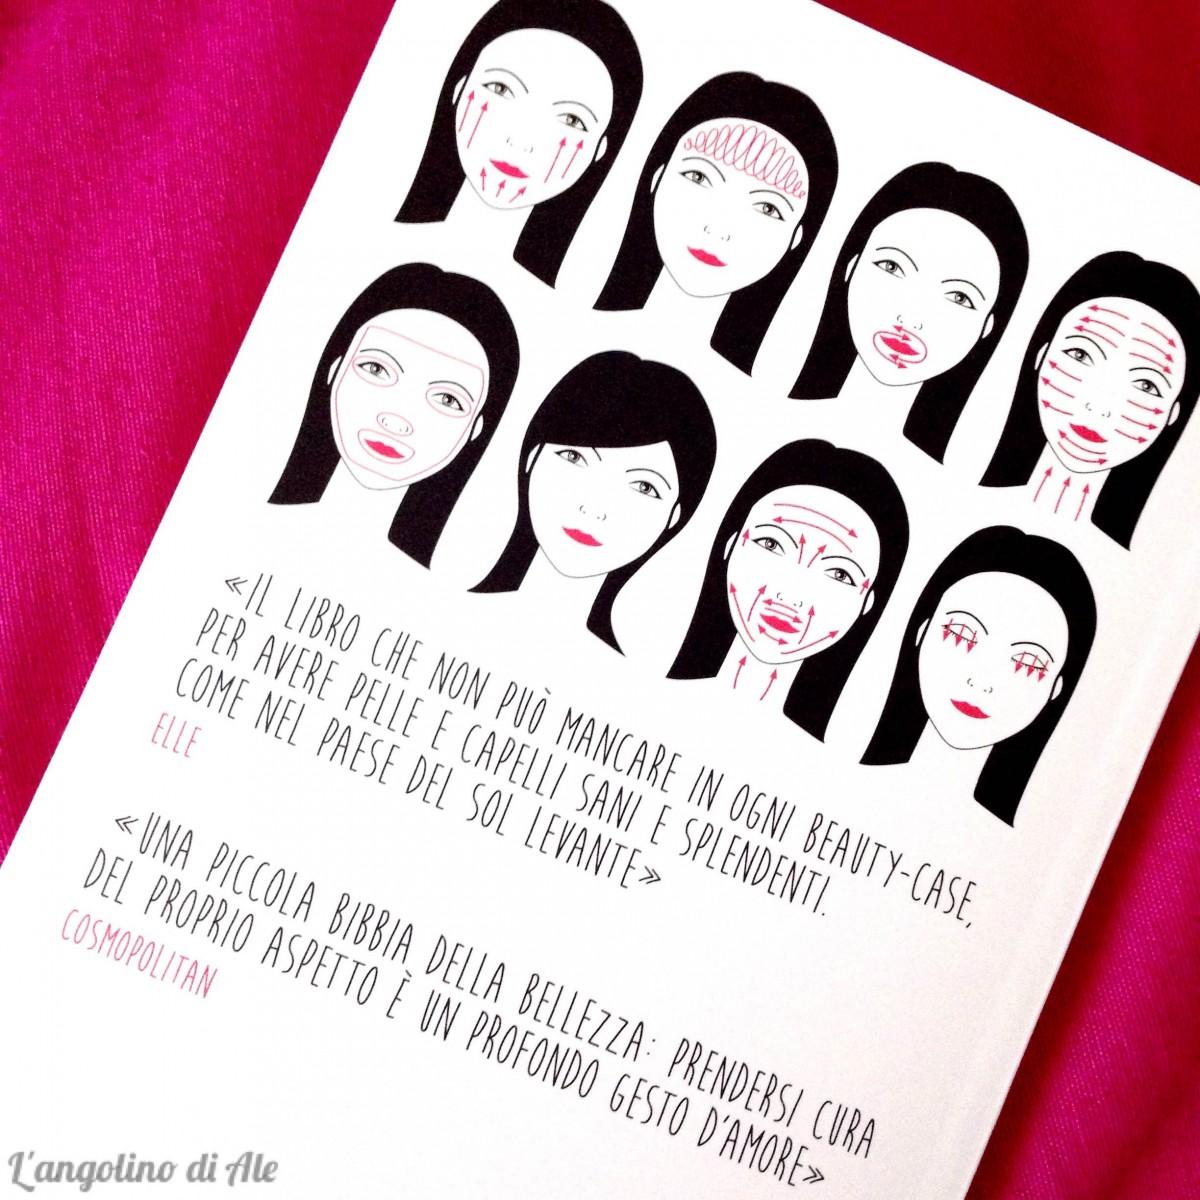 Sette riti di bellezza giapponese di Elodie-Joy Jaubert